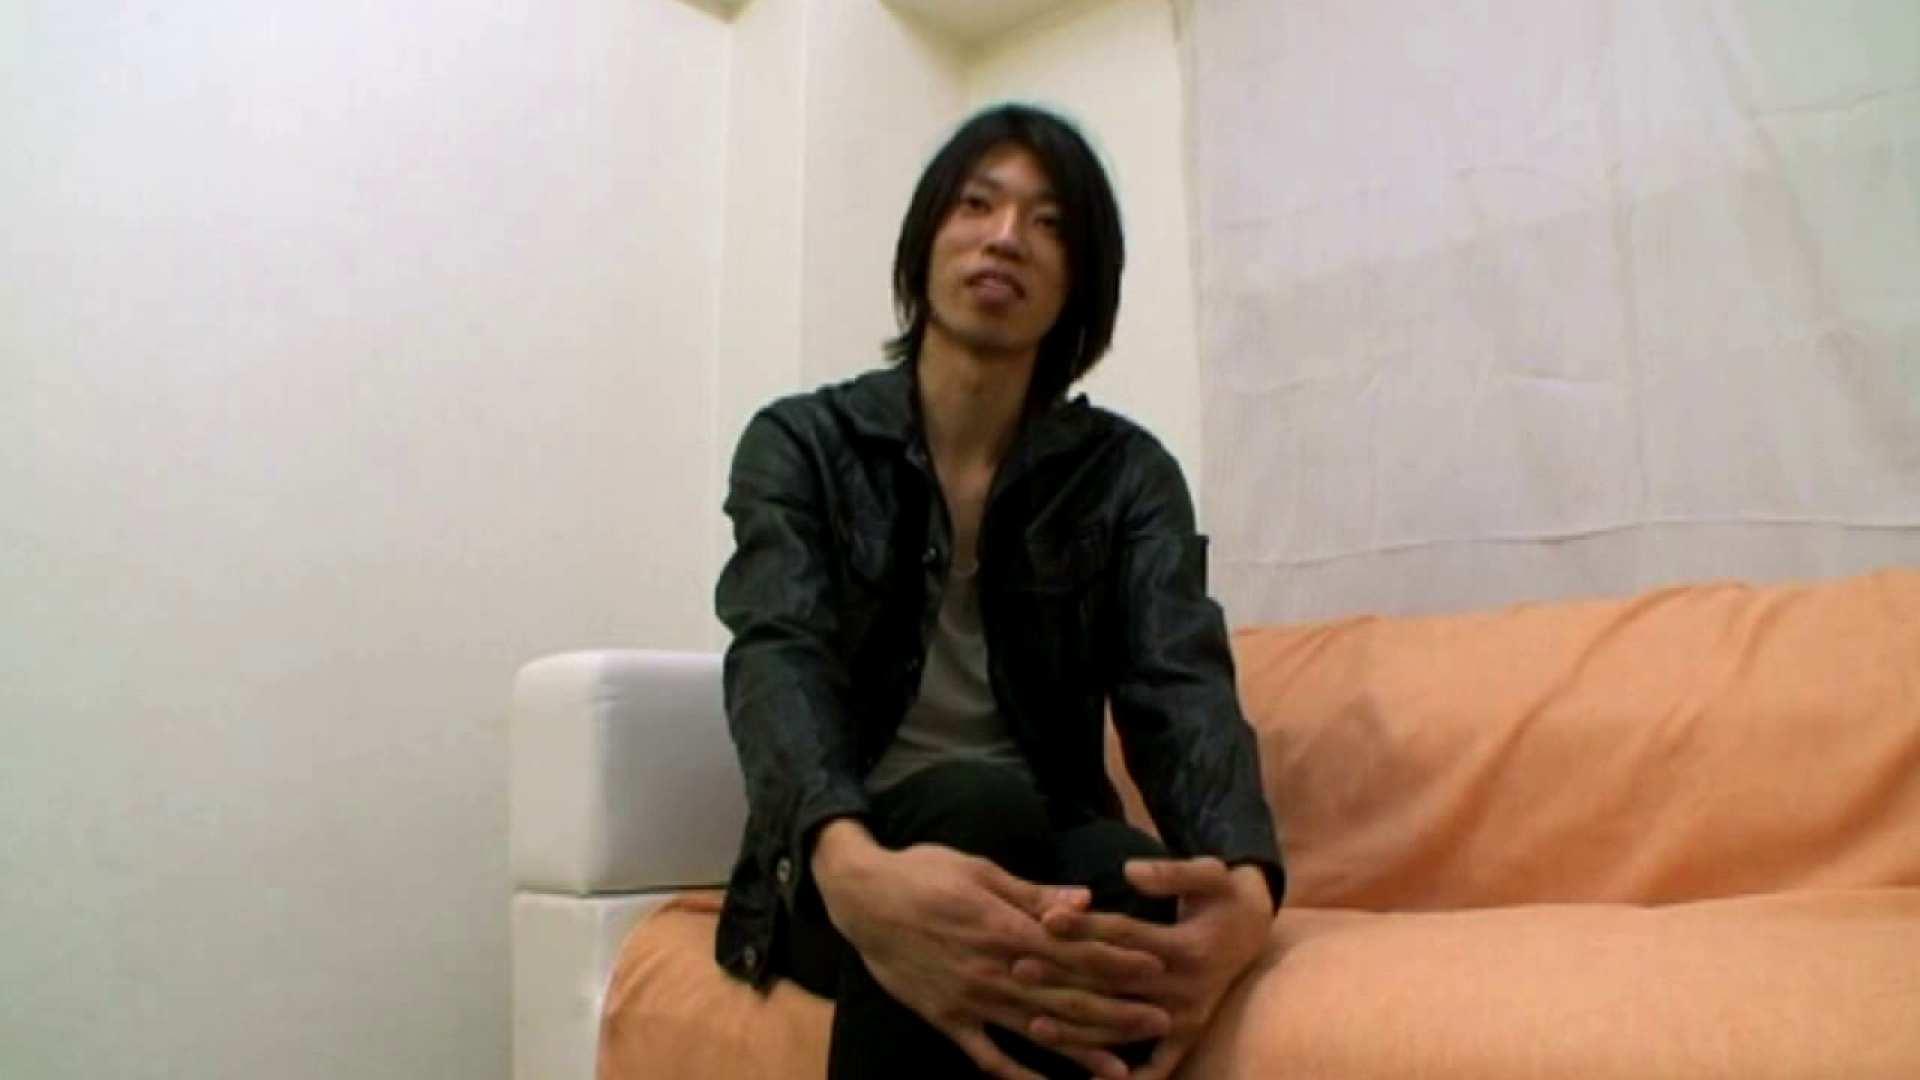 ノンケ!自慰スタジオ No.36 ハメ撮り放出 ゲイエロビデオ画像 101pic 40